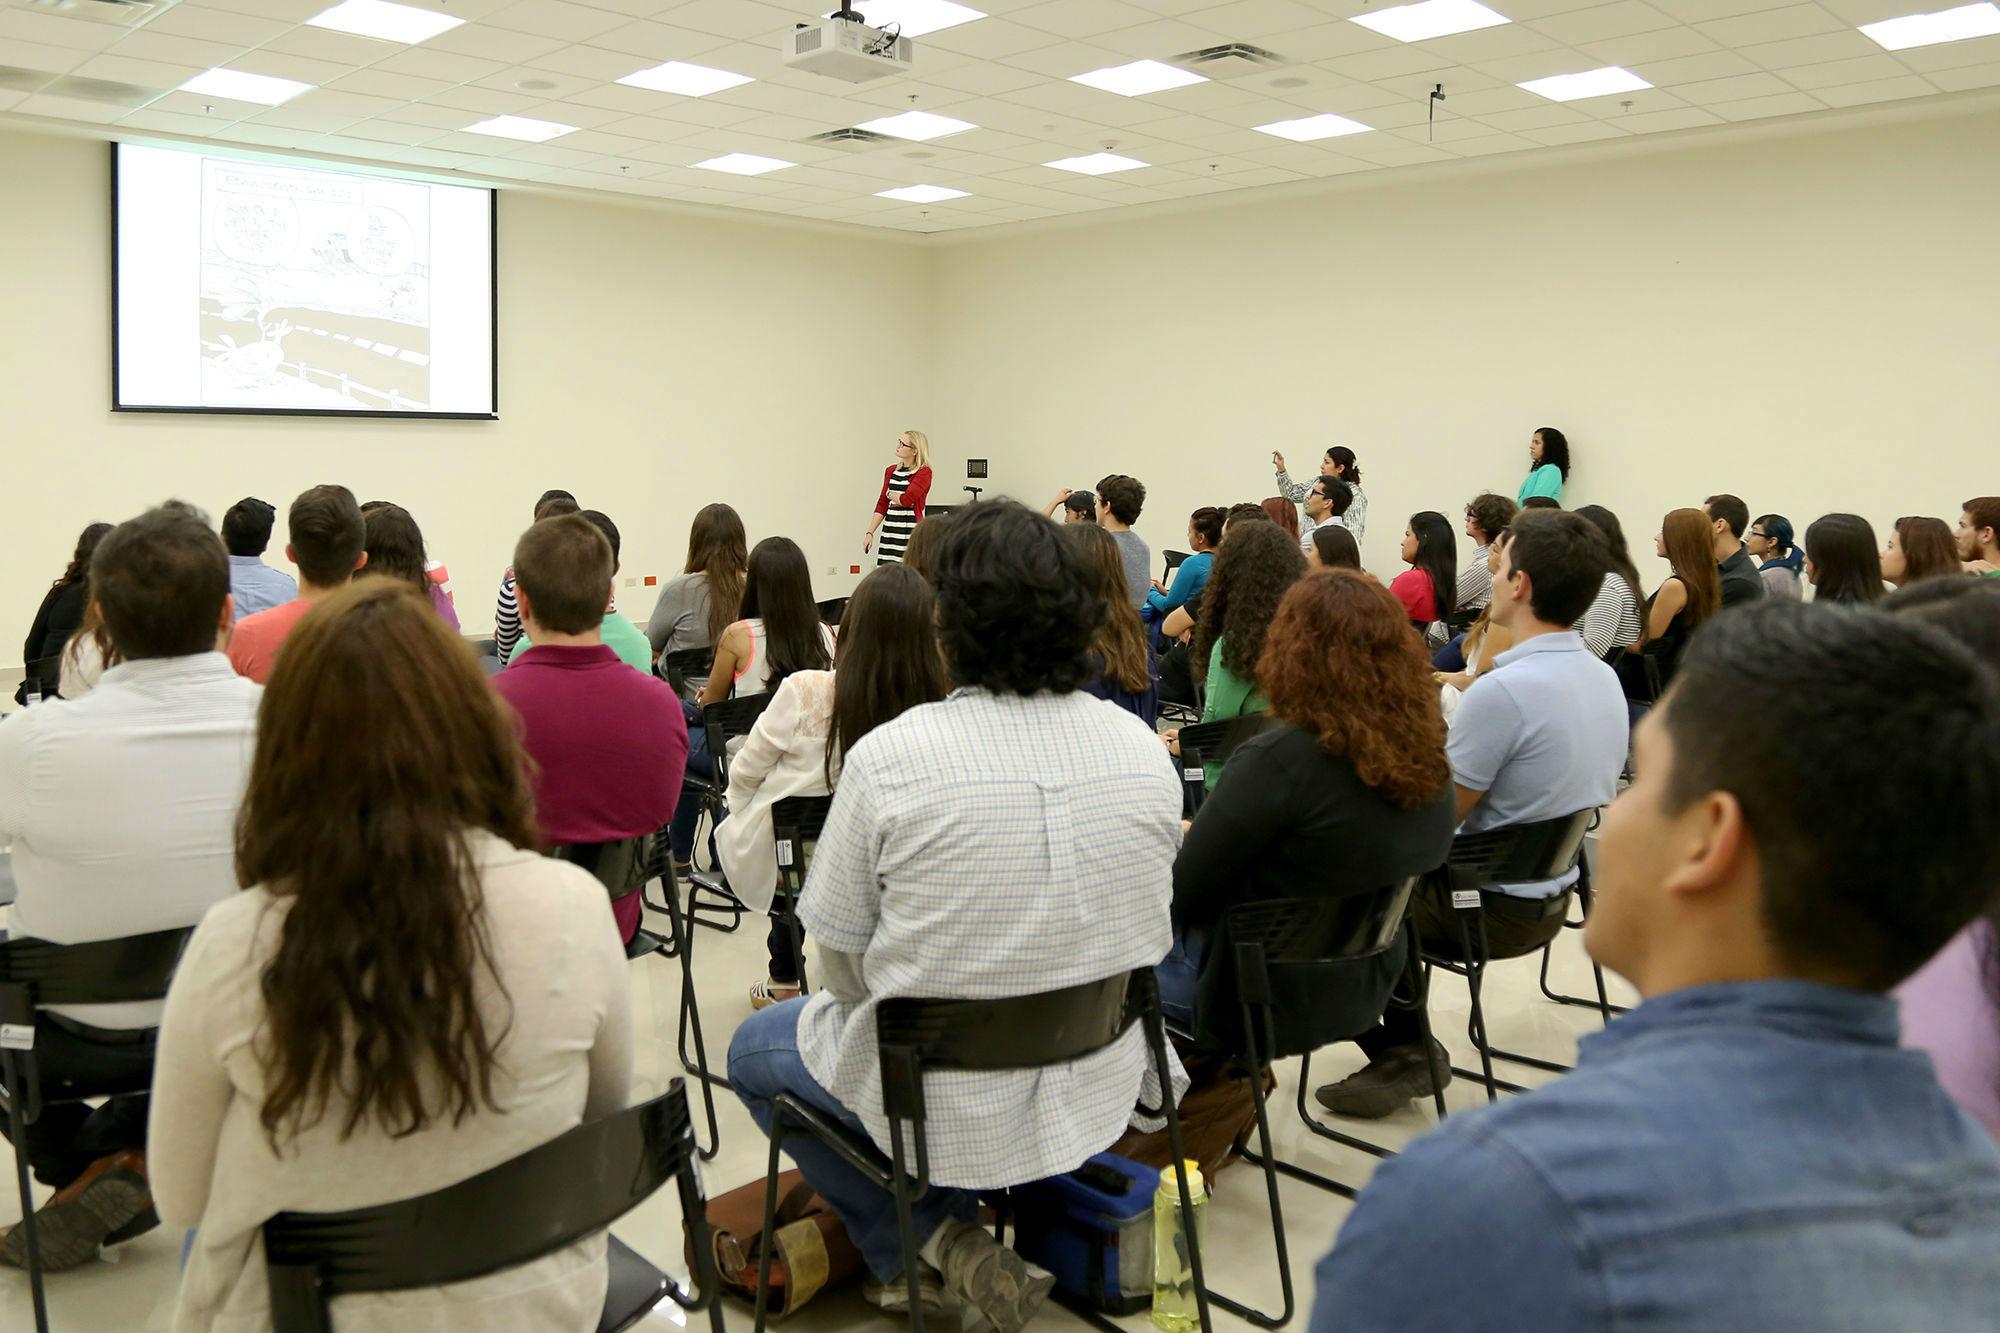 Estudiantes candidatos a irse de intercambio académico, asistieron a una charla impartida por la maestra Marika Antikainen